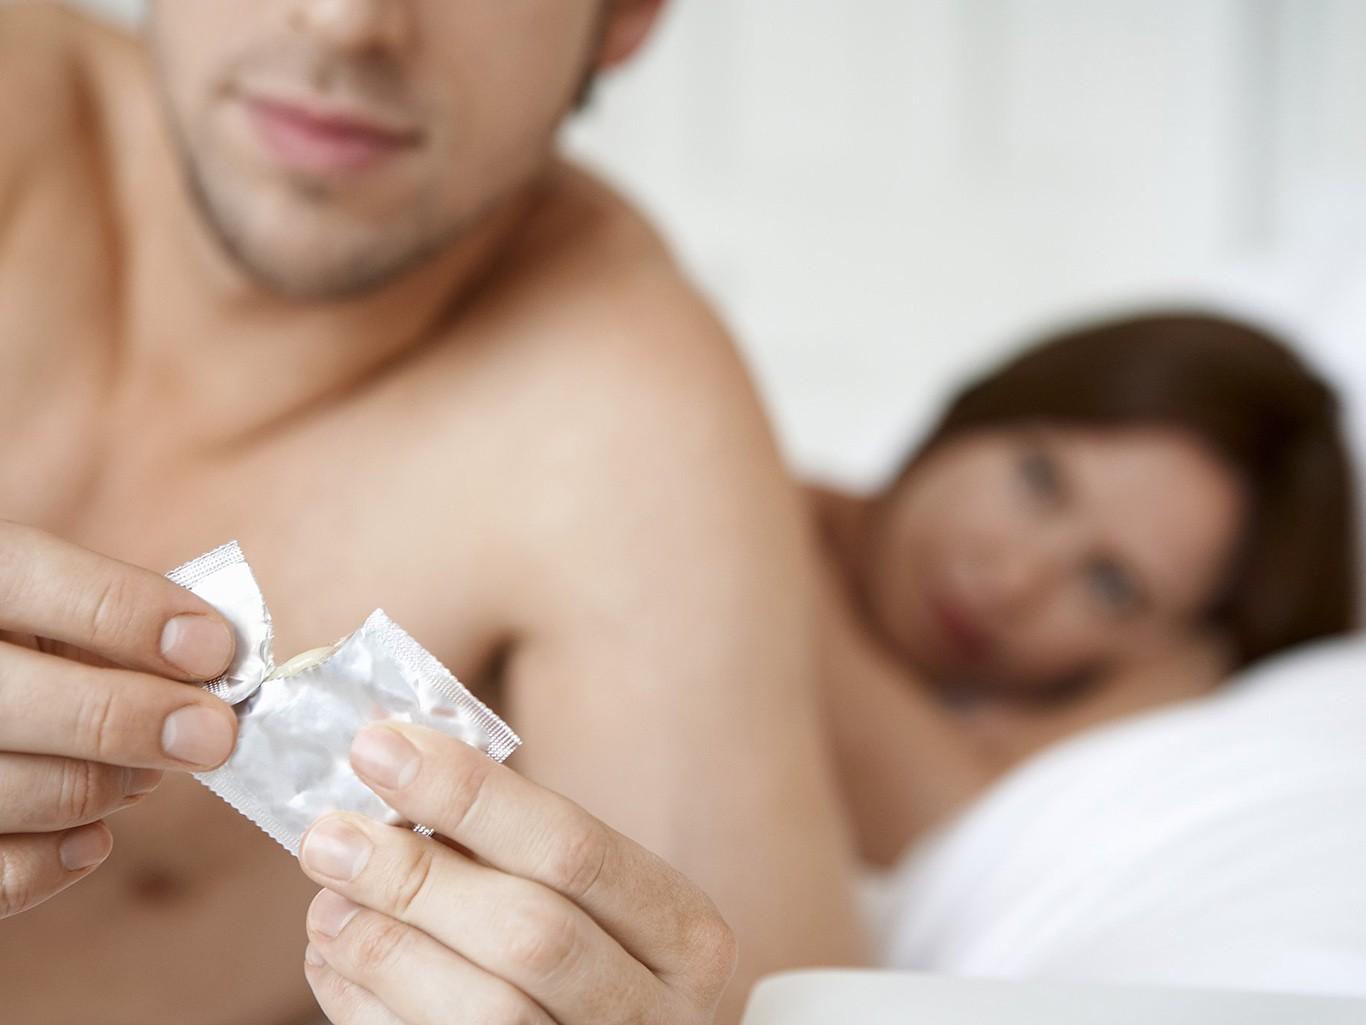 Какова вероятность забеременеть с презервативом и как снизить риск